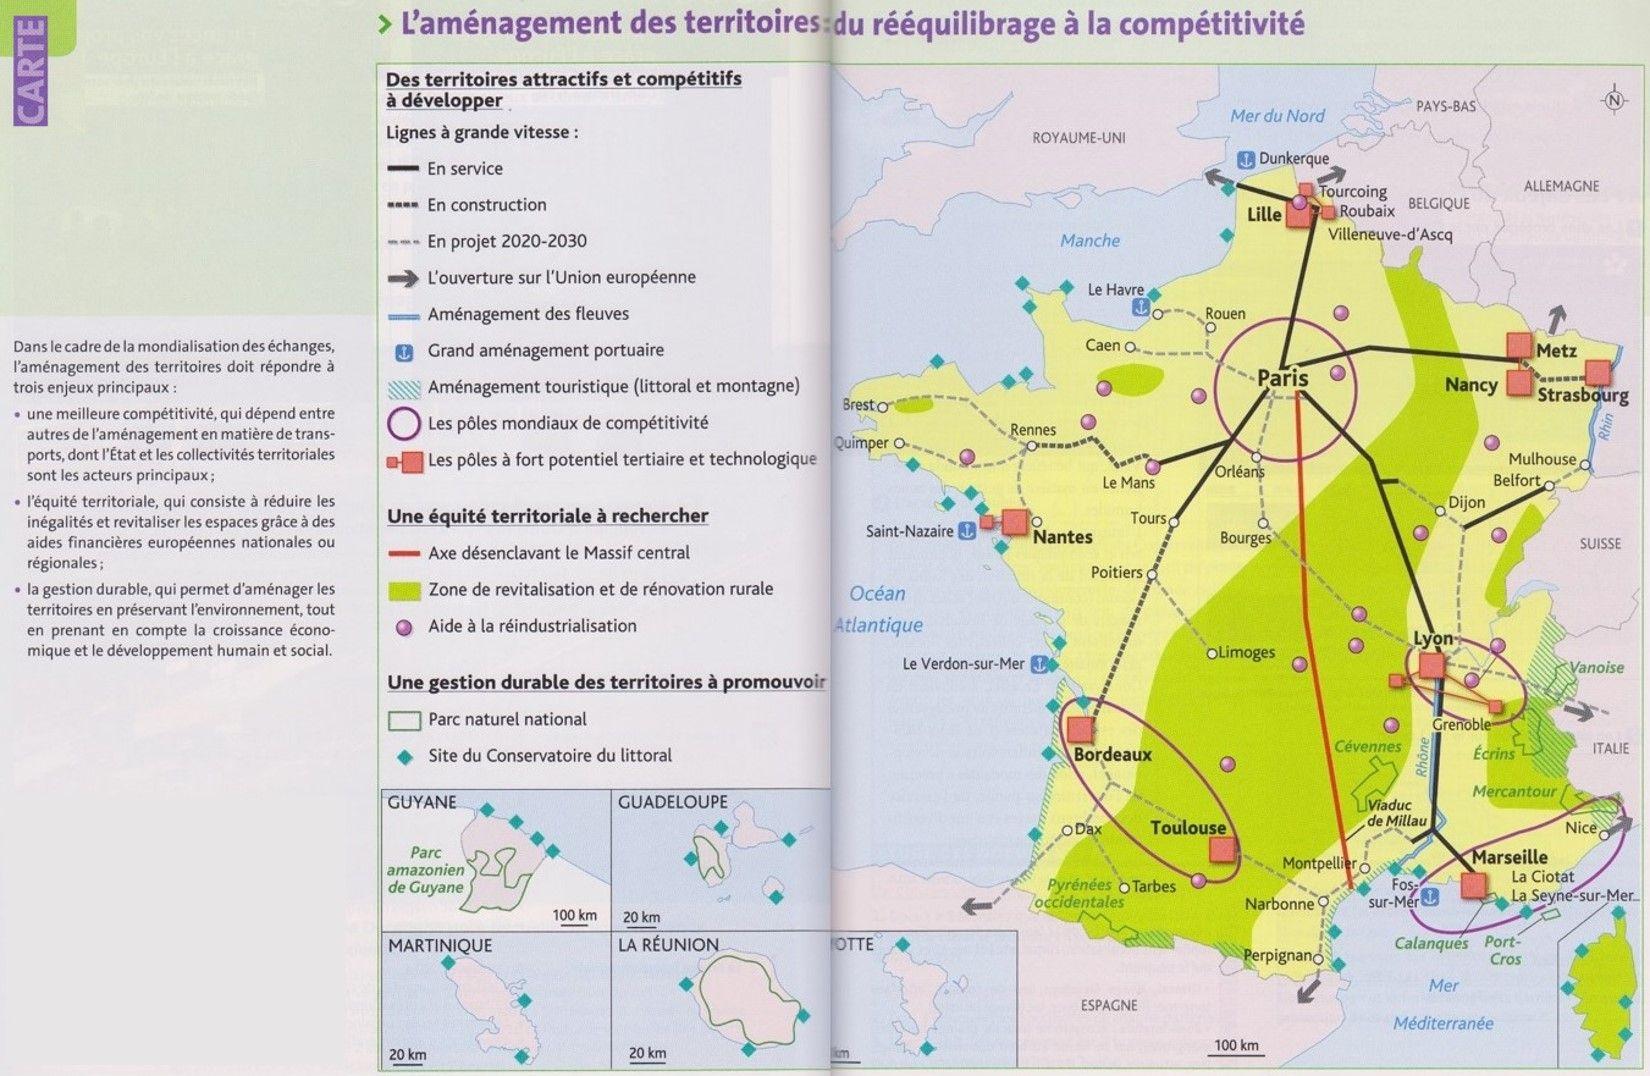 Tbacpro G2 L Amenagement Des Territoires Du Reequilibrage A La